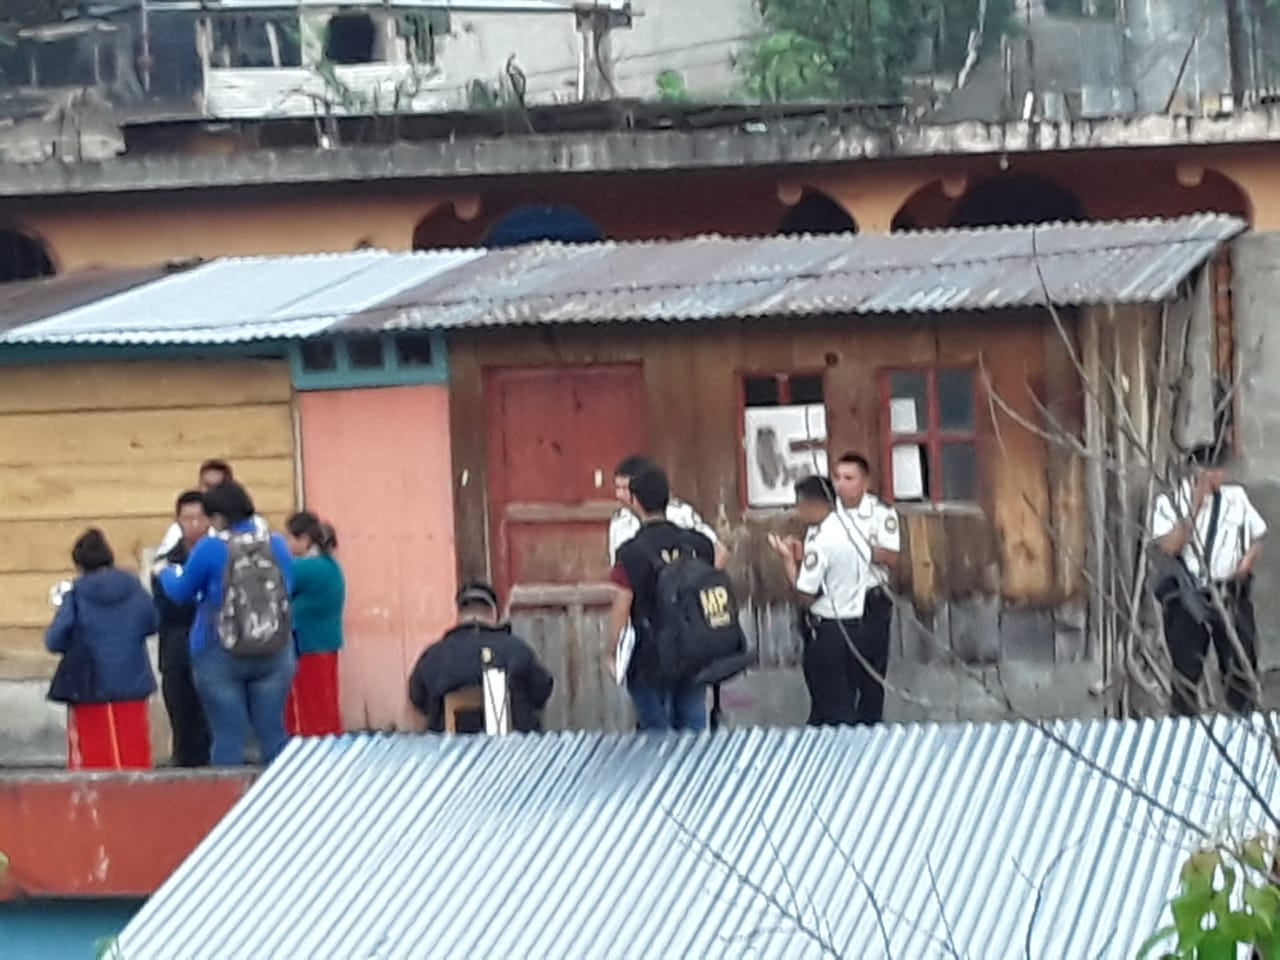 En tres días, dos jóvenes se habrían  quitado la vida en Tu Manzano, Nebaj, Quiché.  (Foto Prensa Libre: Héctor Cordero).